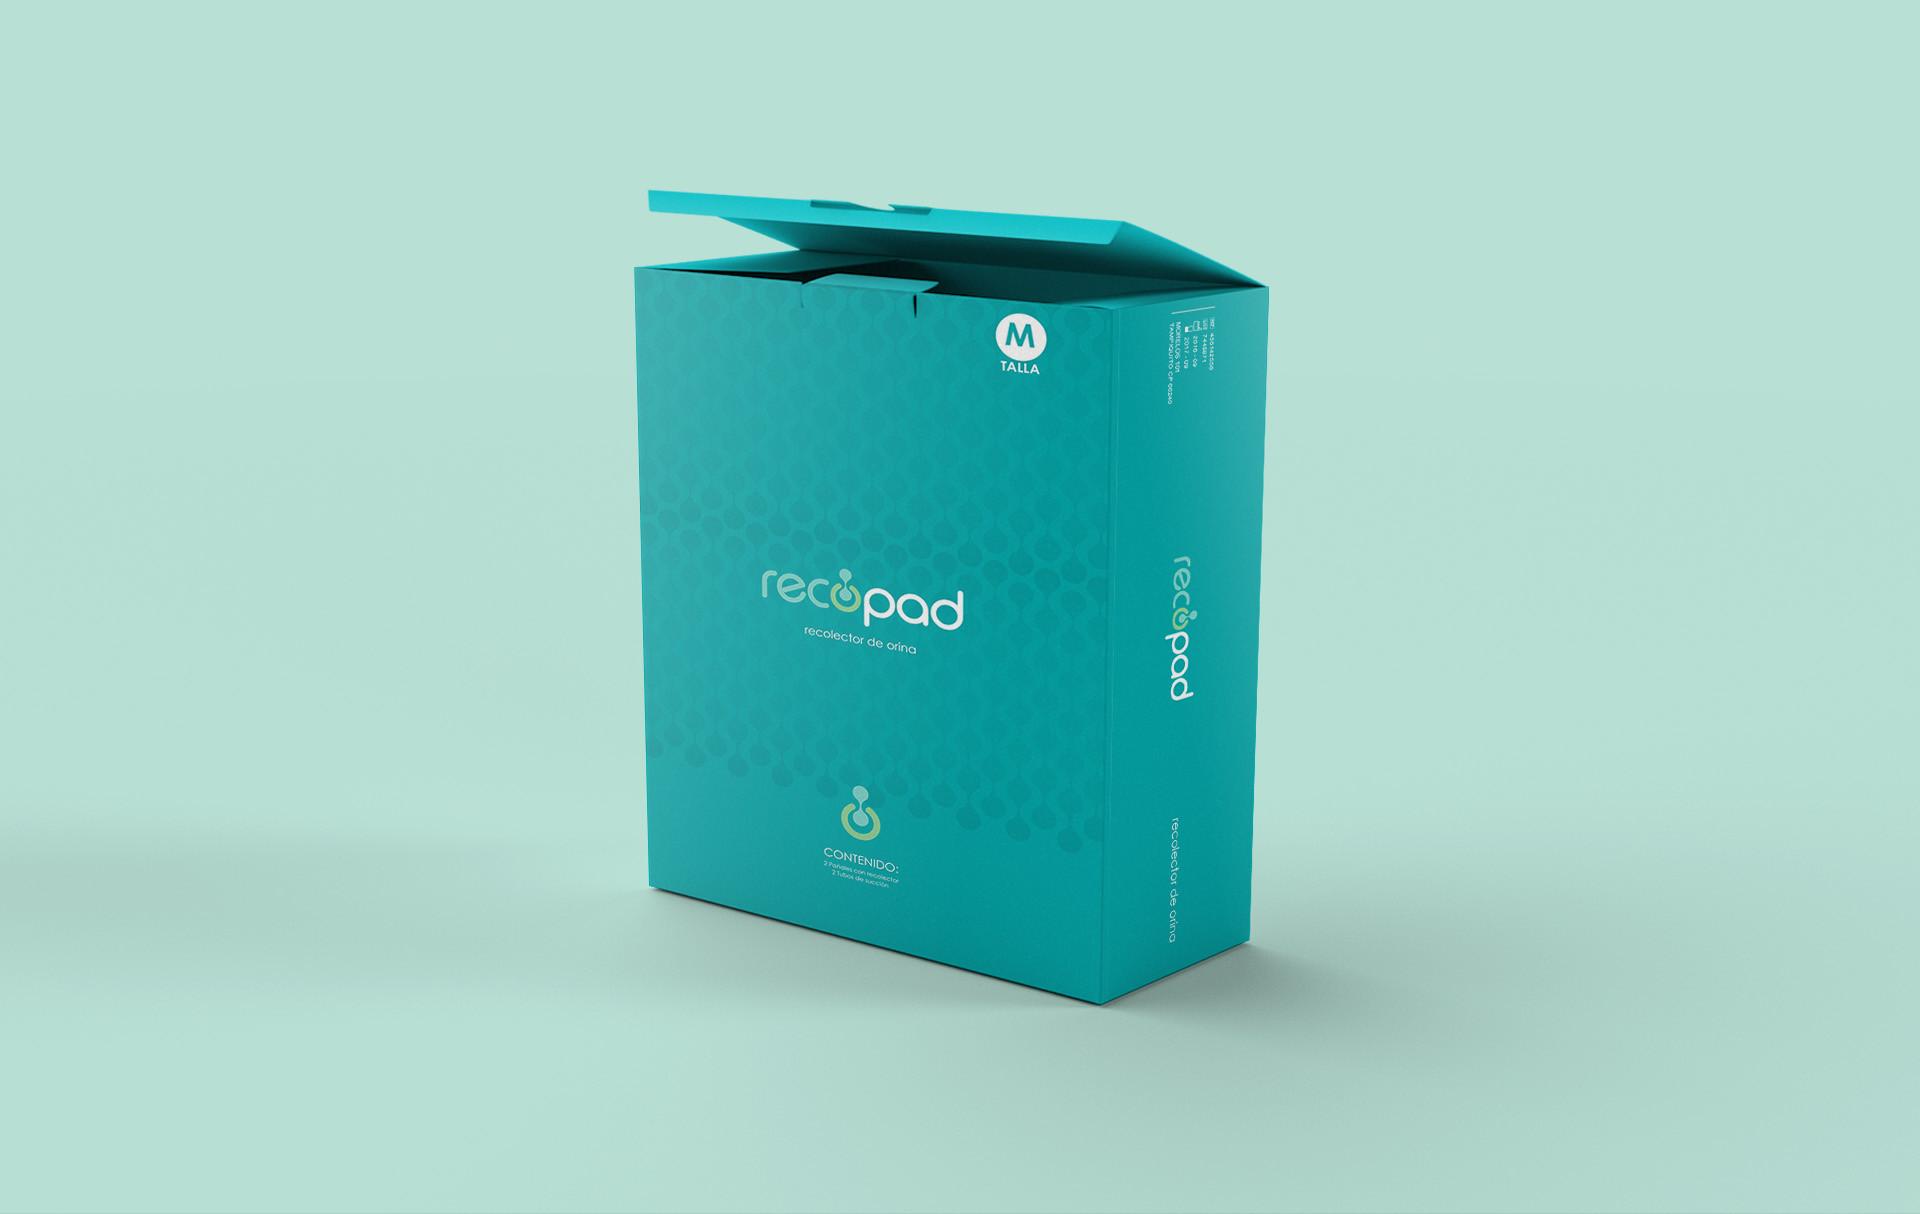 Caja de Producto - Recopad.jpg